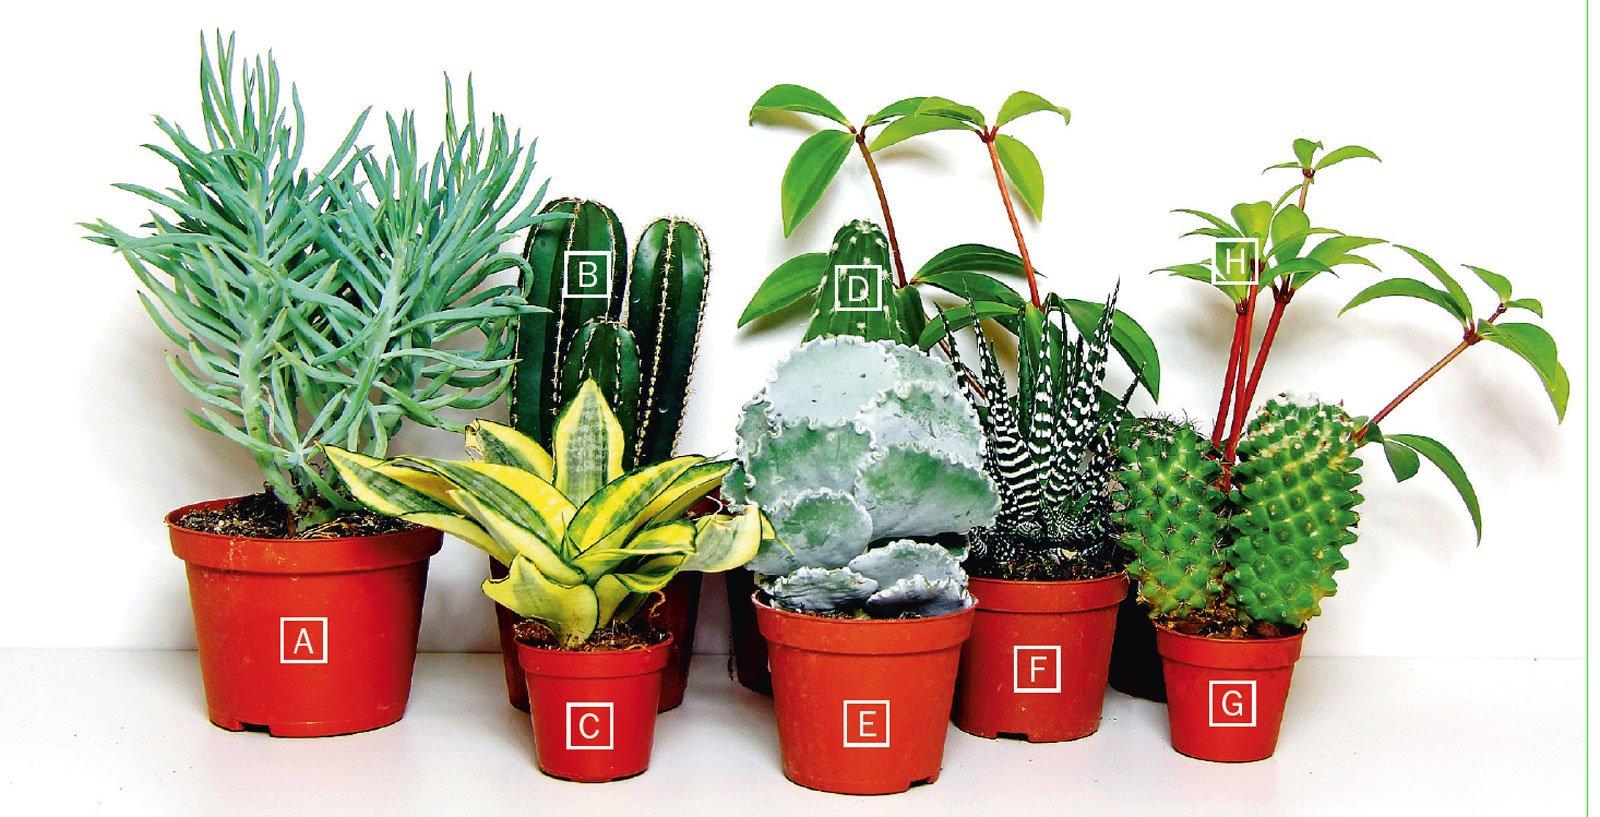 Composizione Piante Grasse In Vaso Di Vetro.Piante Grasse Una Composizione Facile Cose Di Casa